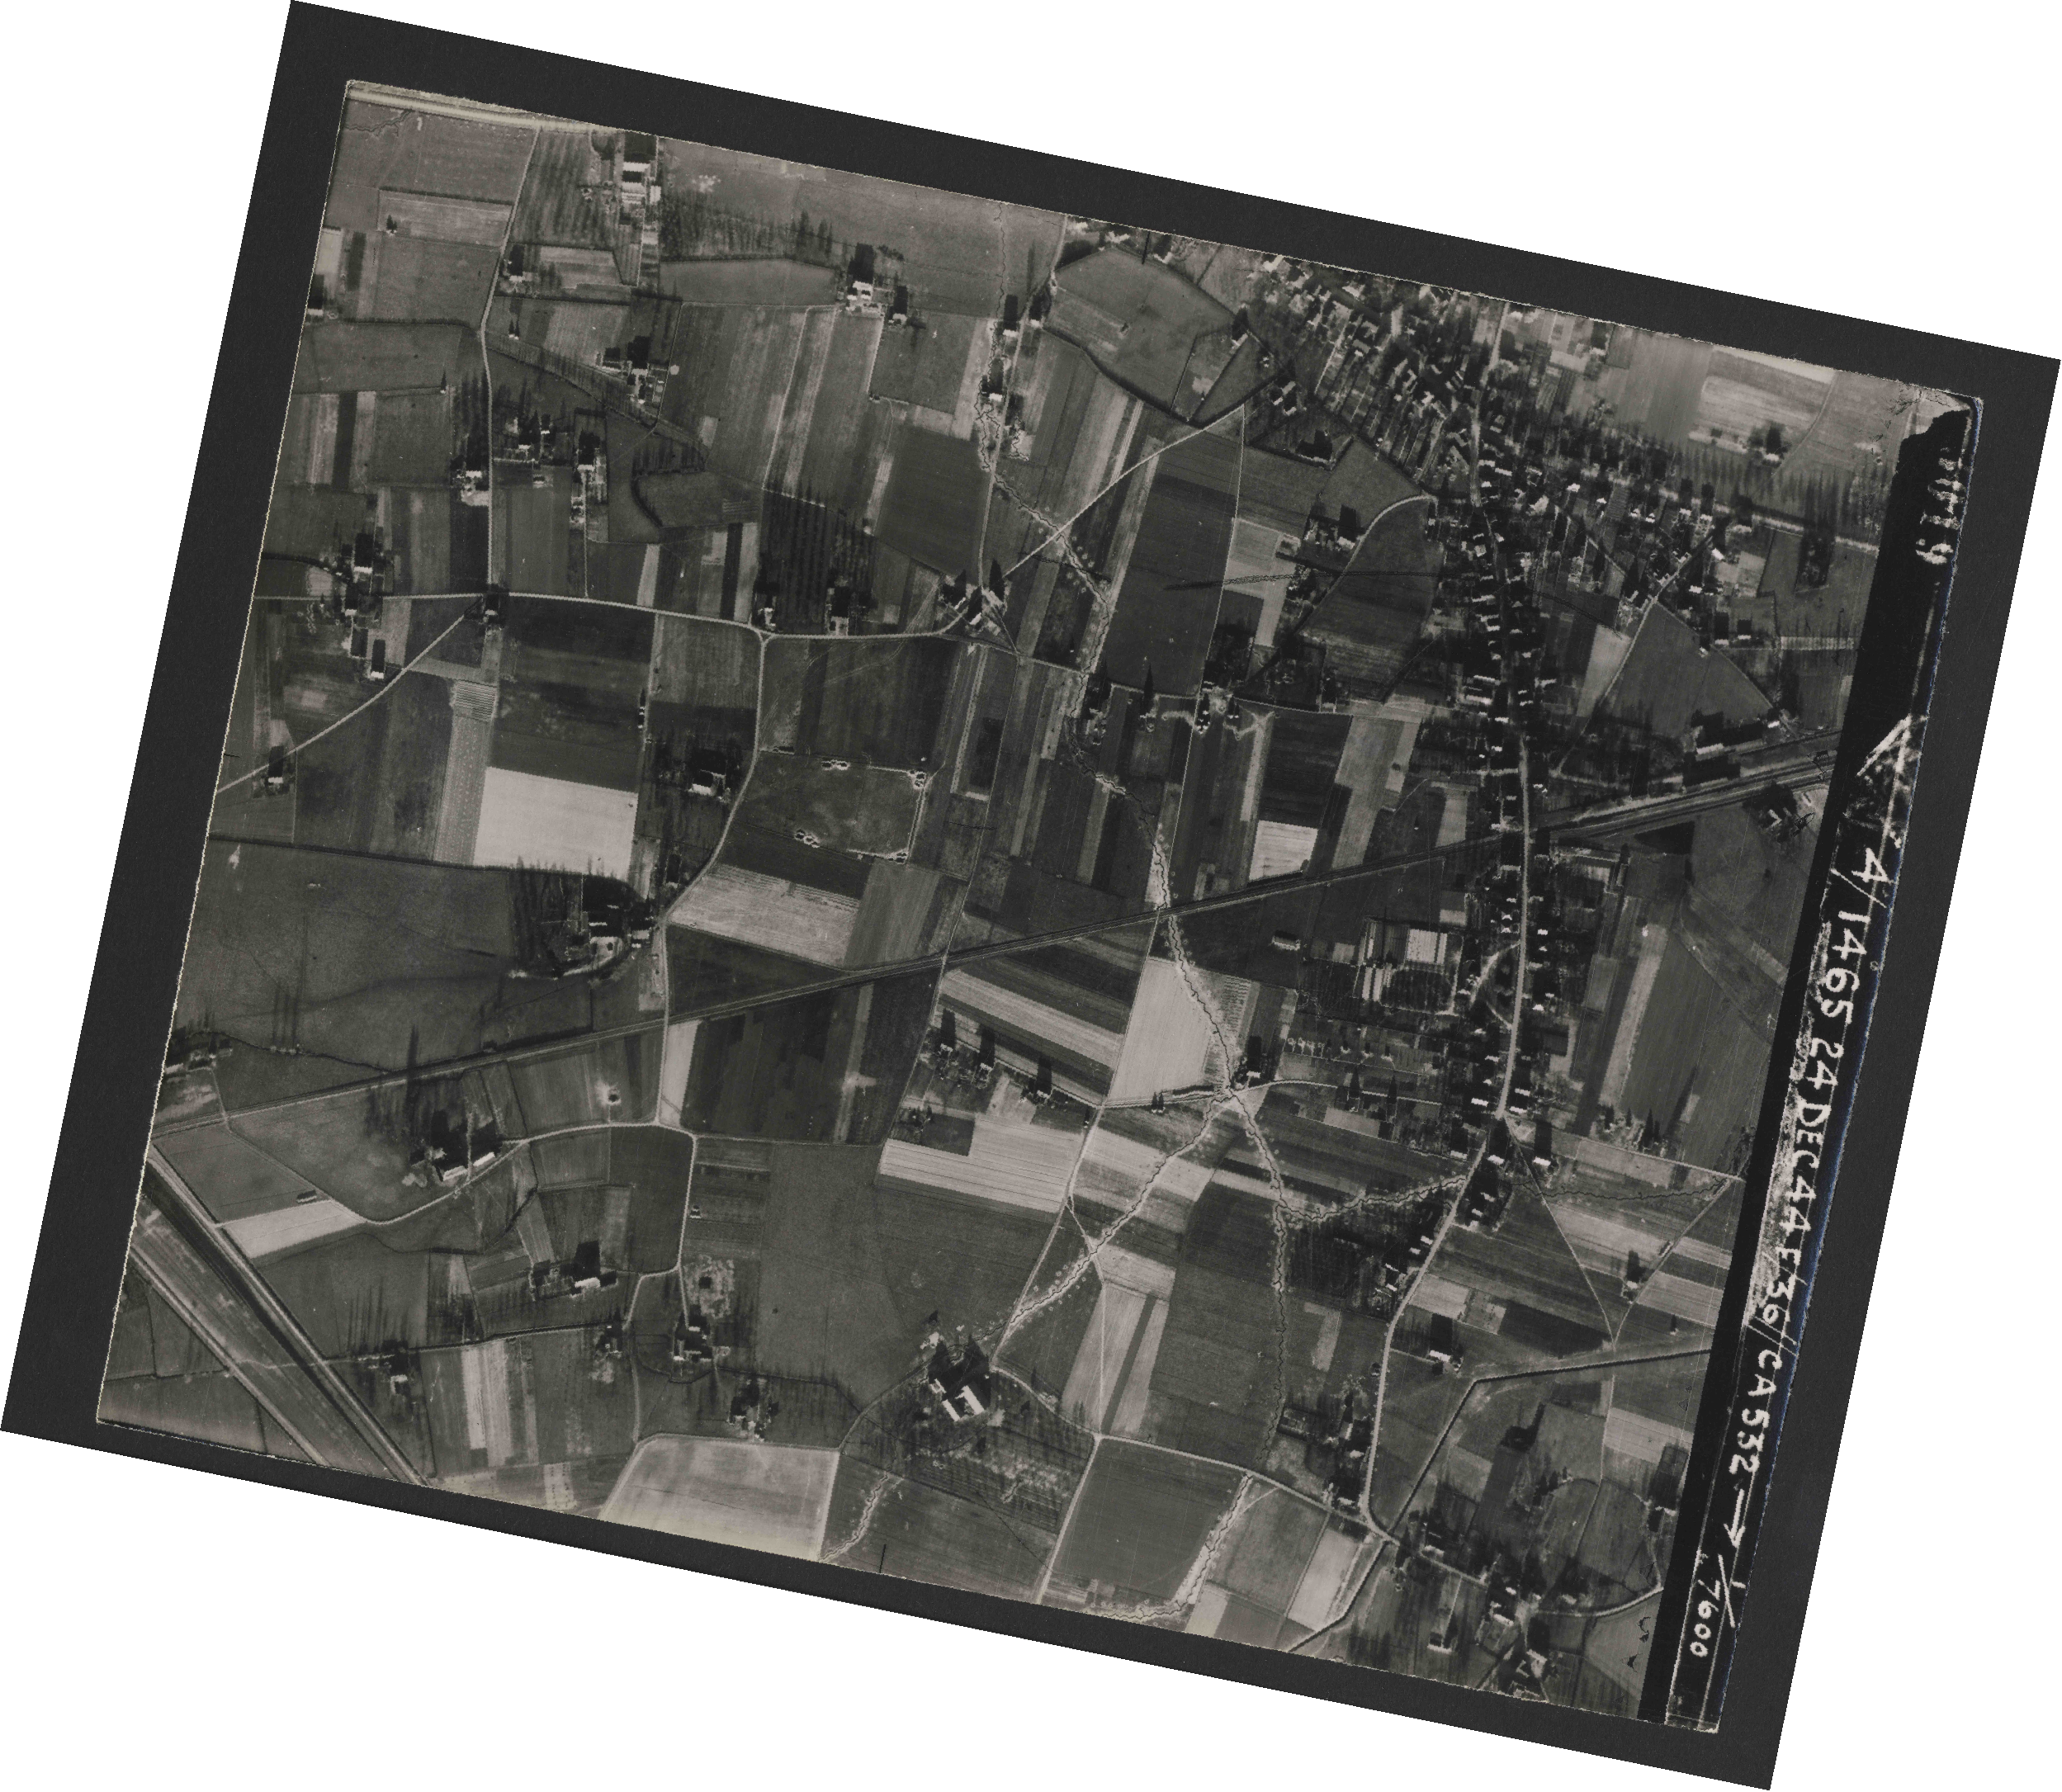 Collection RAF aerial photos 1940-1945 - flight 304, run 04, photo 3019